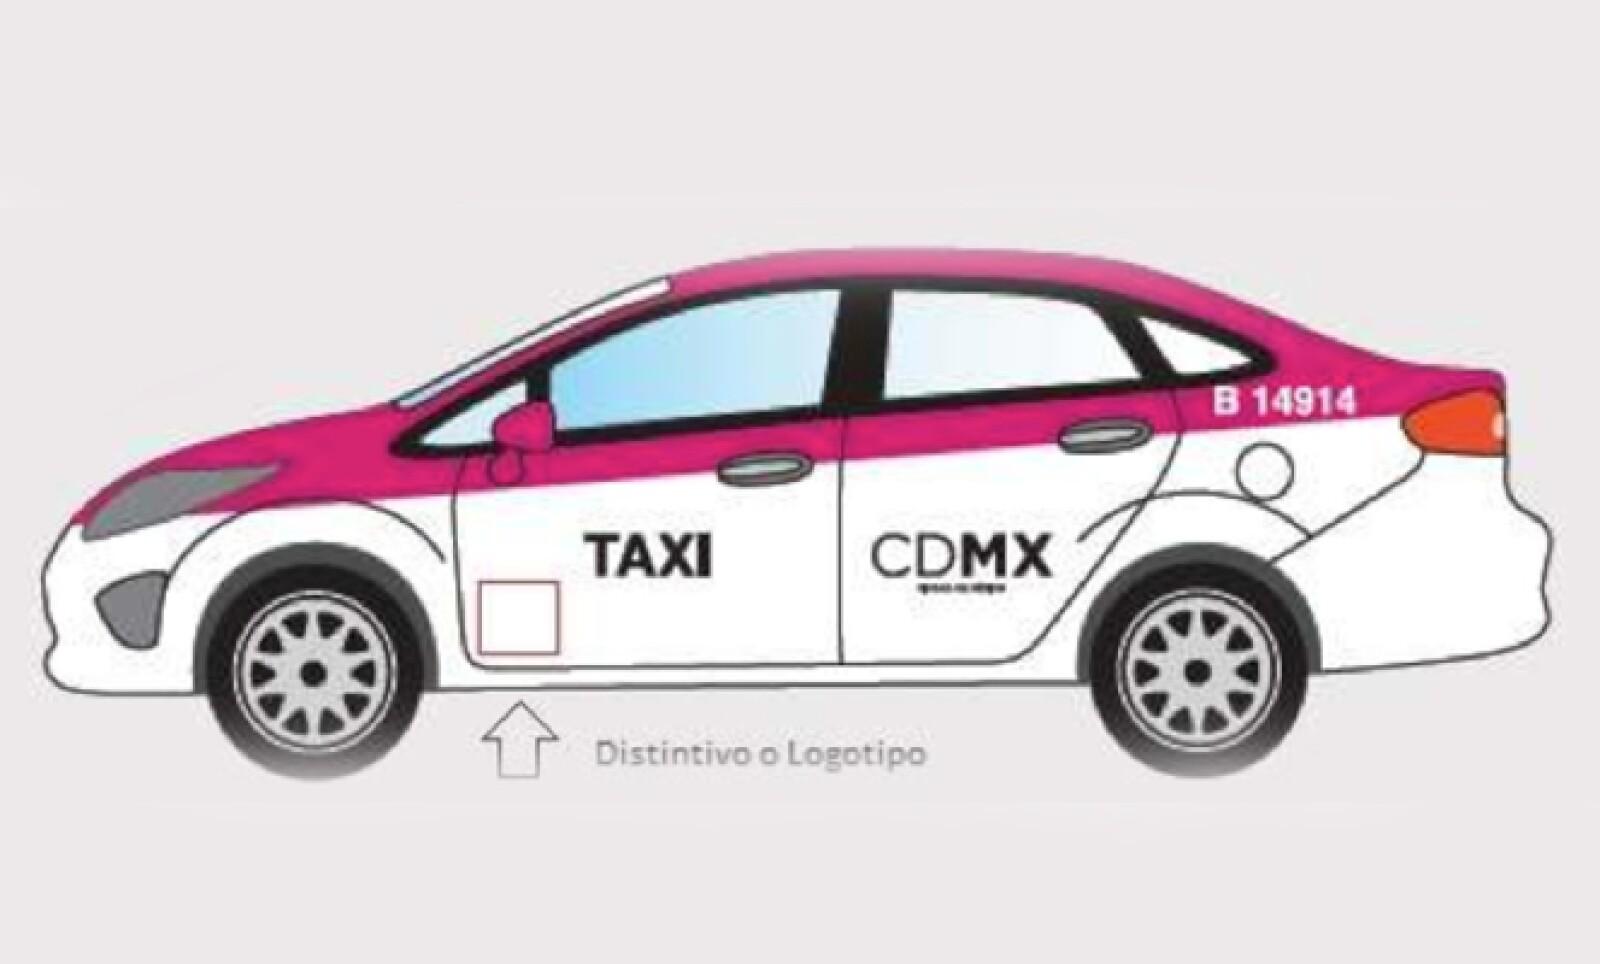 El martes, el Gobierno capitalino anunció cambios en la cromática de los taxis, que dejará de ser dorada con roja para ser blanca con rosa.